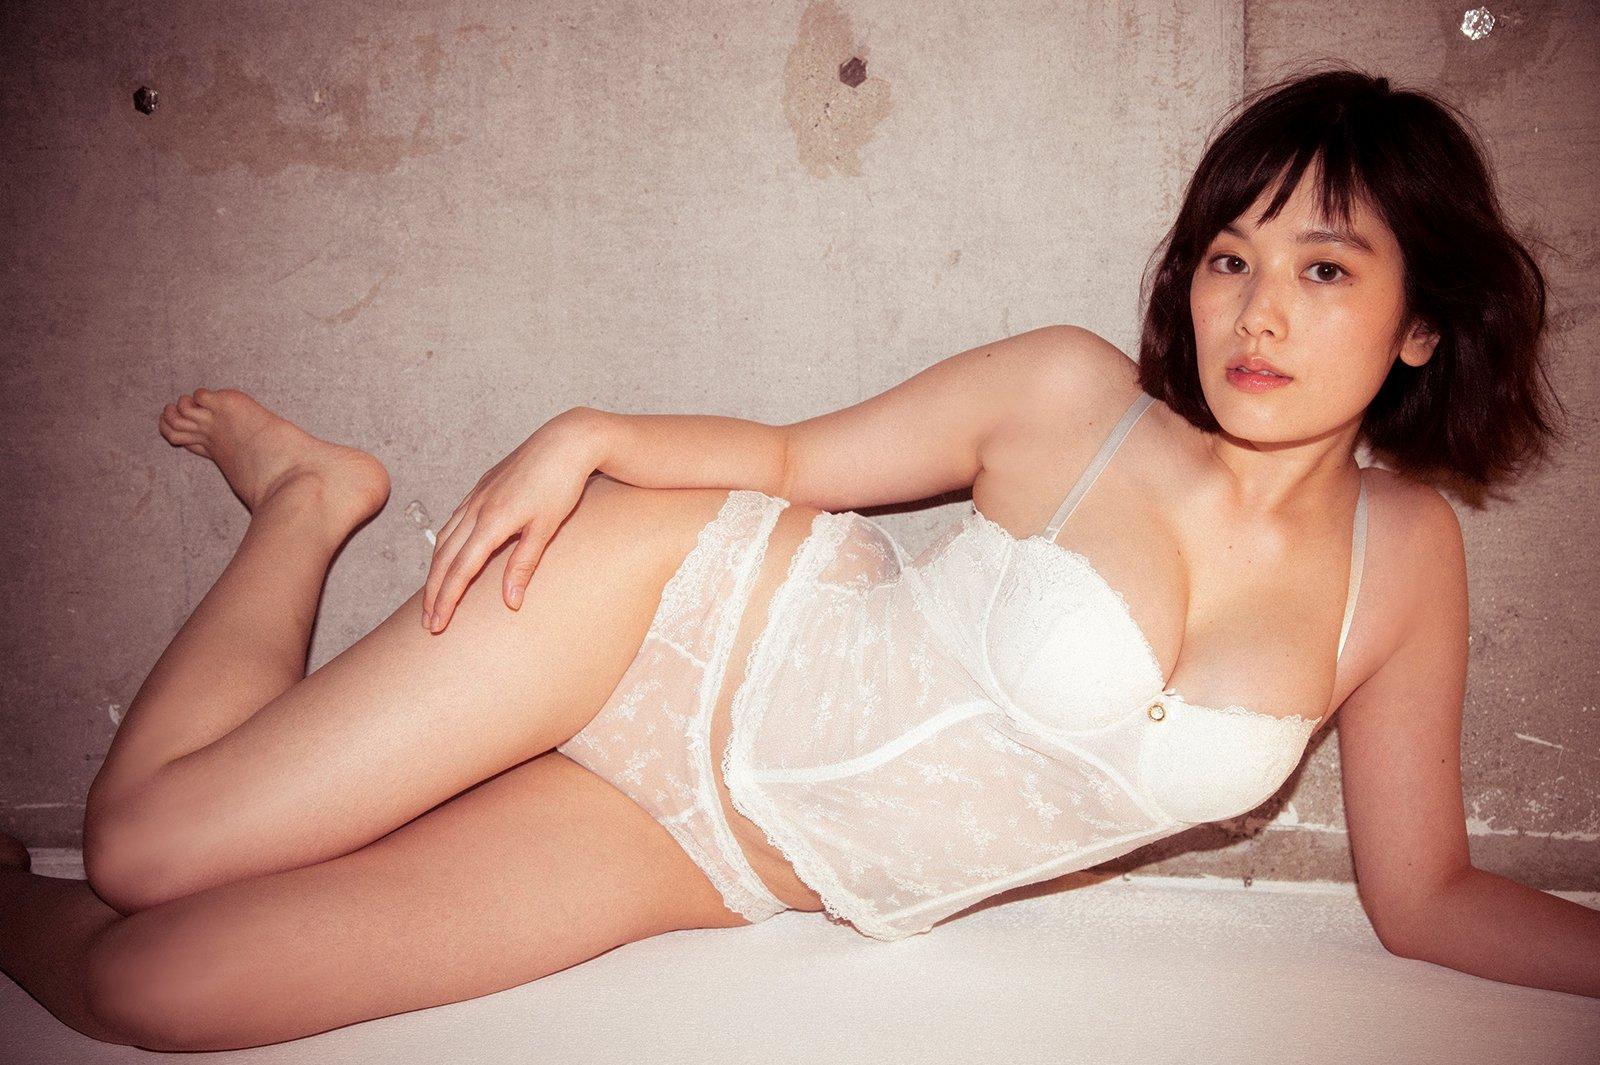 【画像】筧美和子、エチエチ下着で史上最高グラビア「Oh! モーレツ」